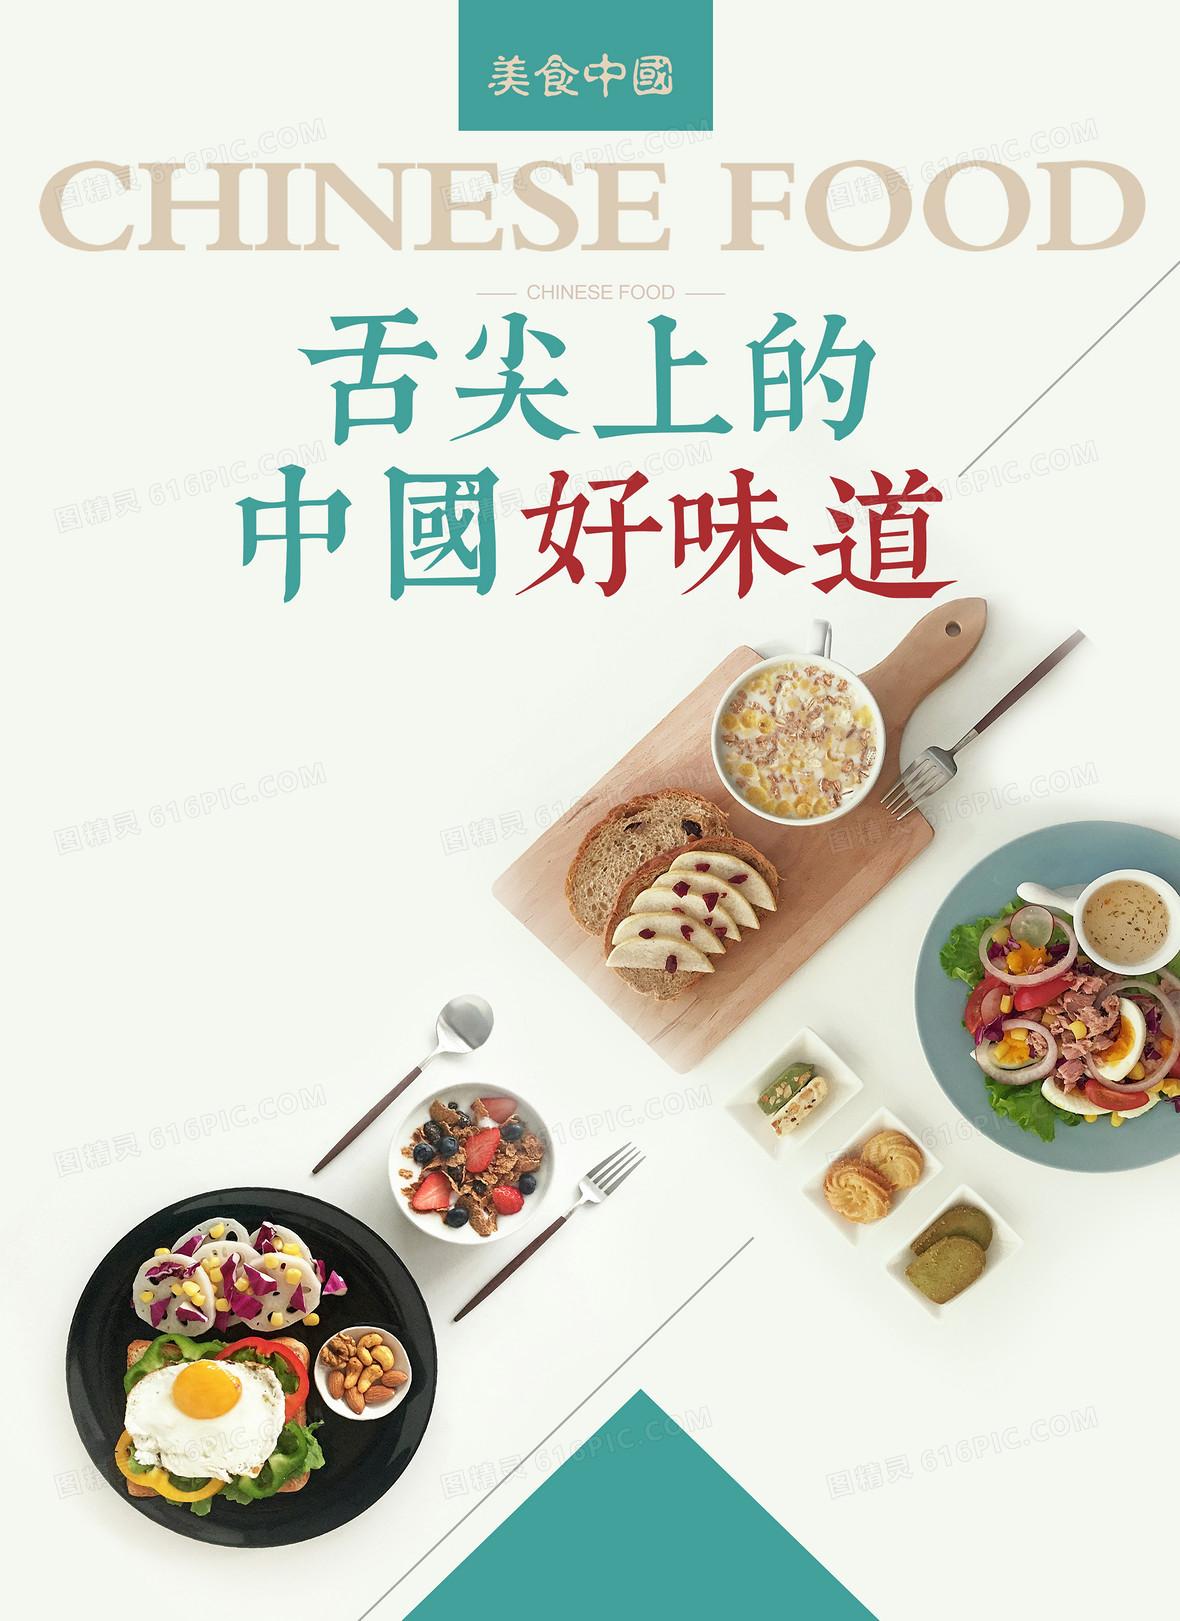 舌尖上的中国美食海报背景素材背景图片下载_1920x598